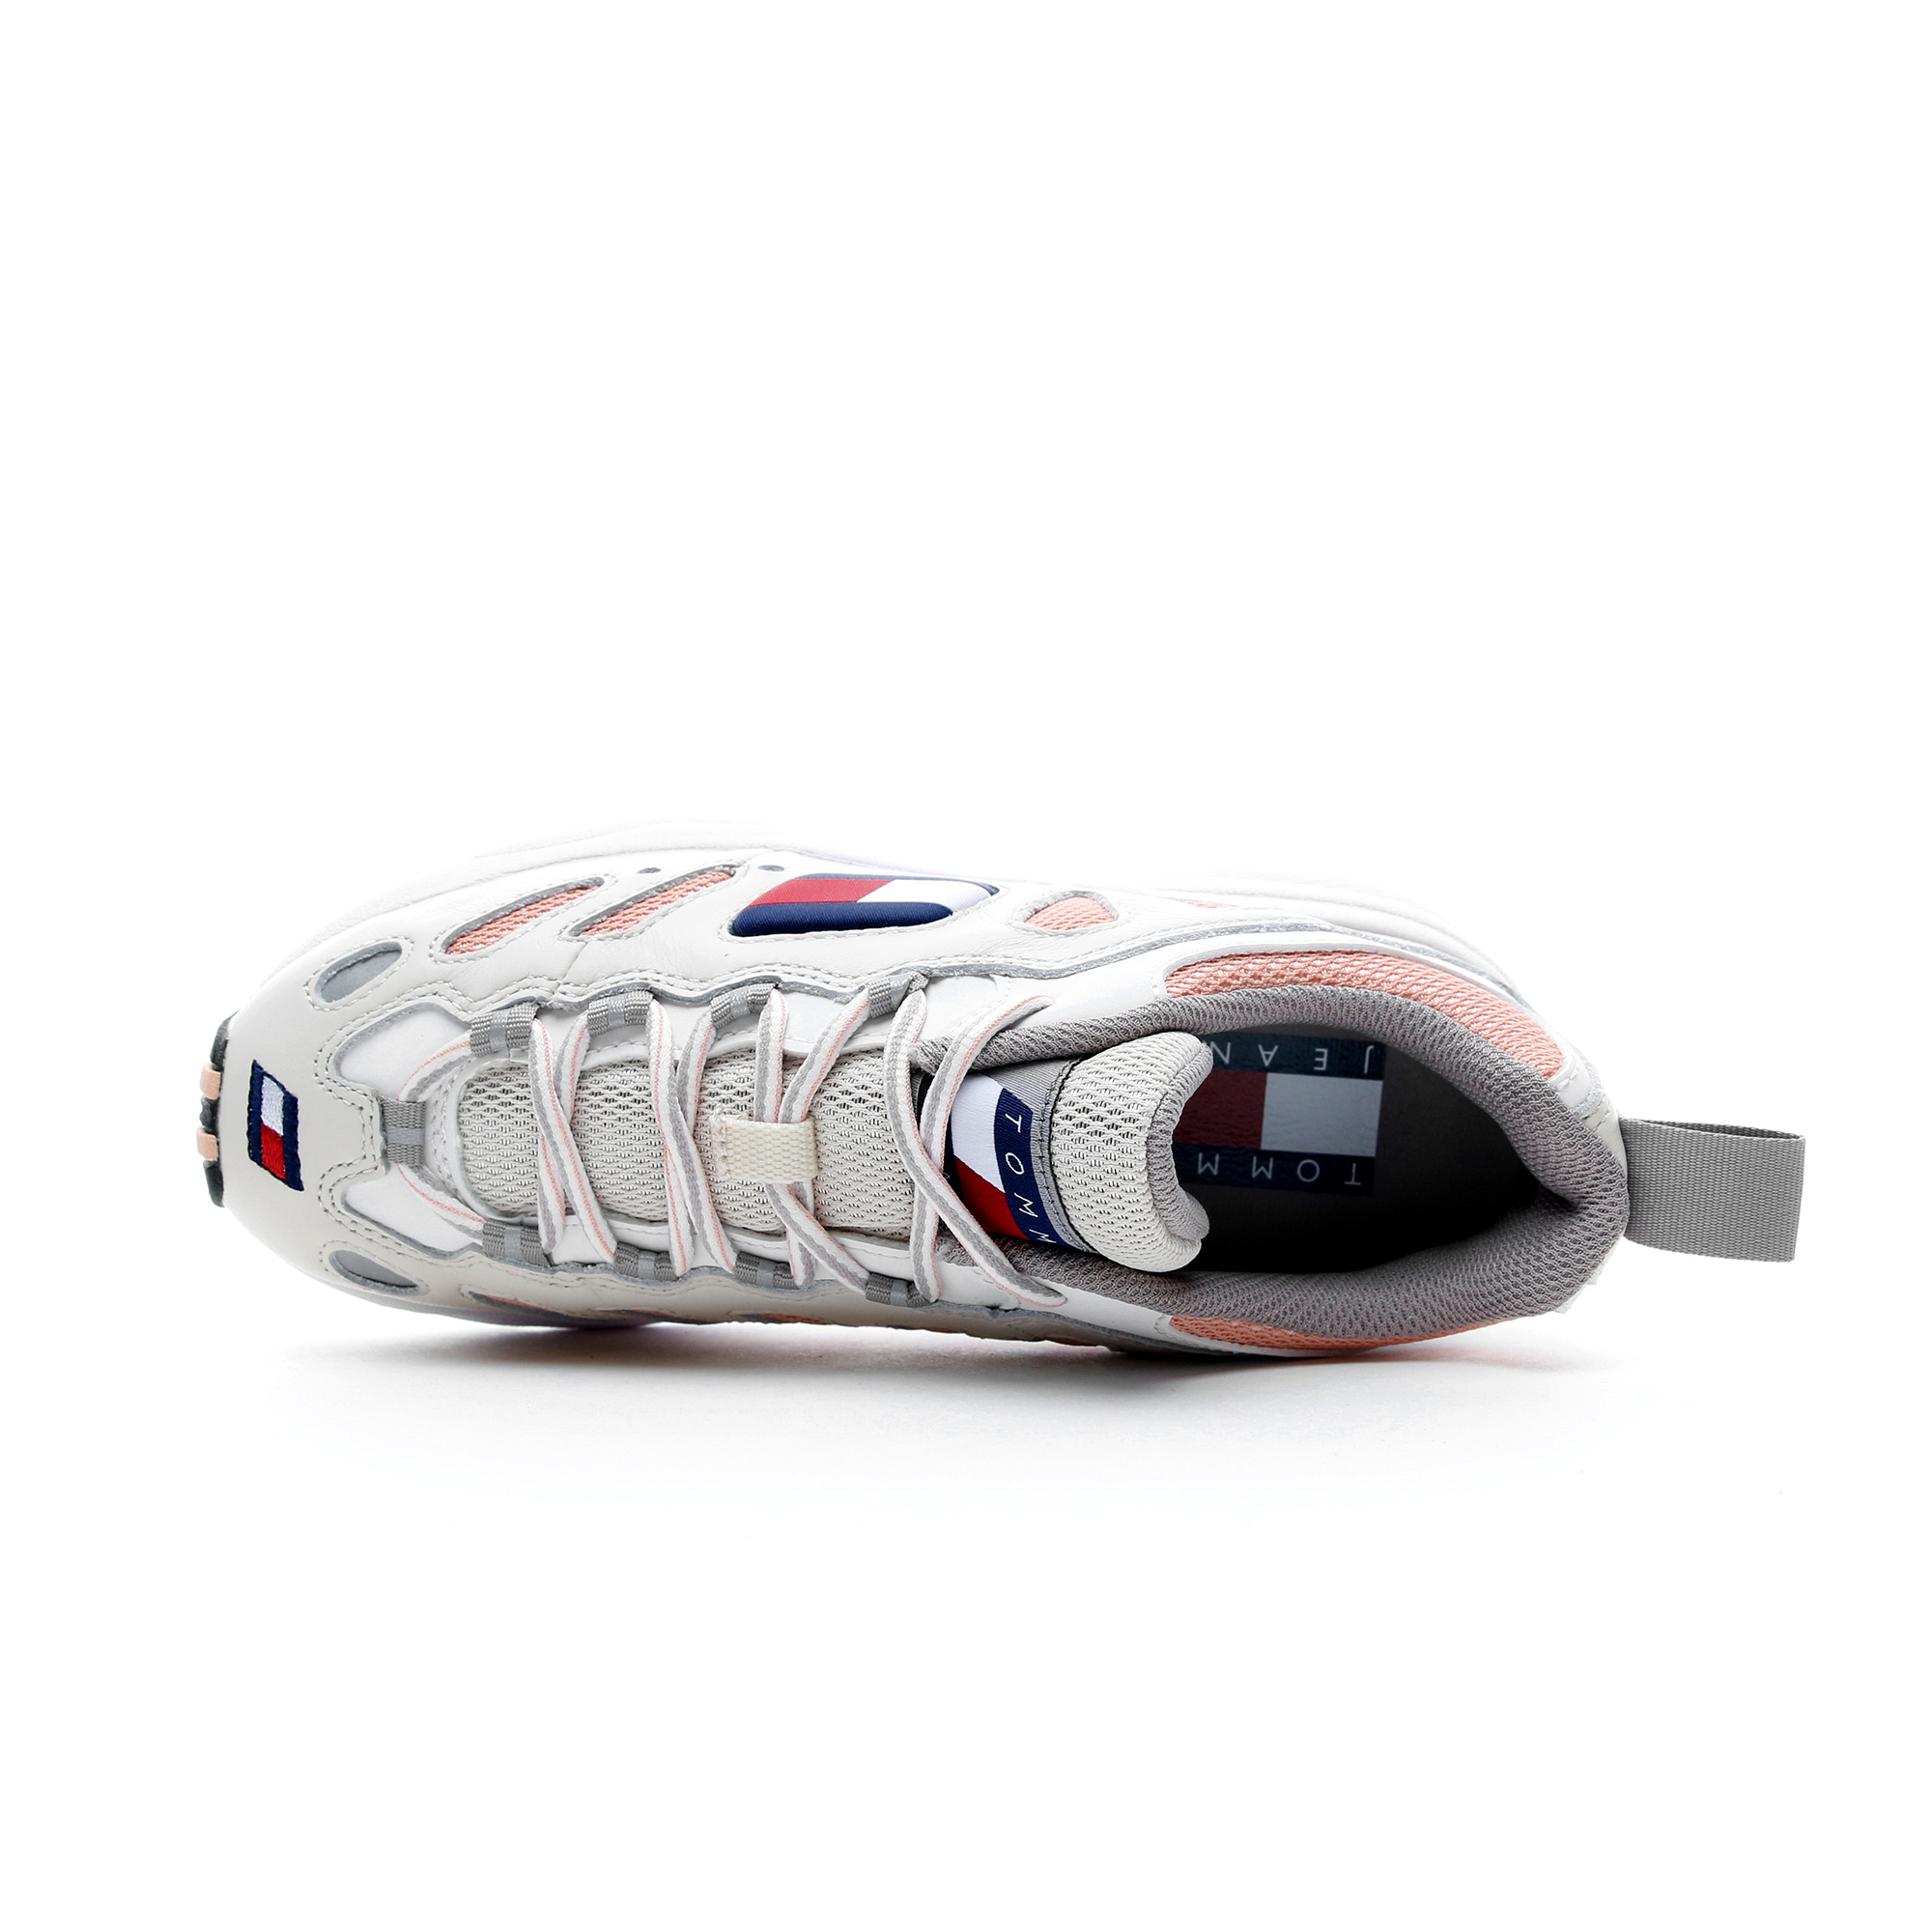 Tommy Hilfiger Heritage Retro Kadın Pembe - Beyaz Spor Ayakkabı